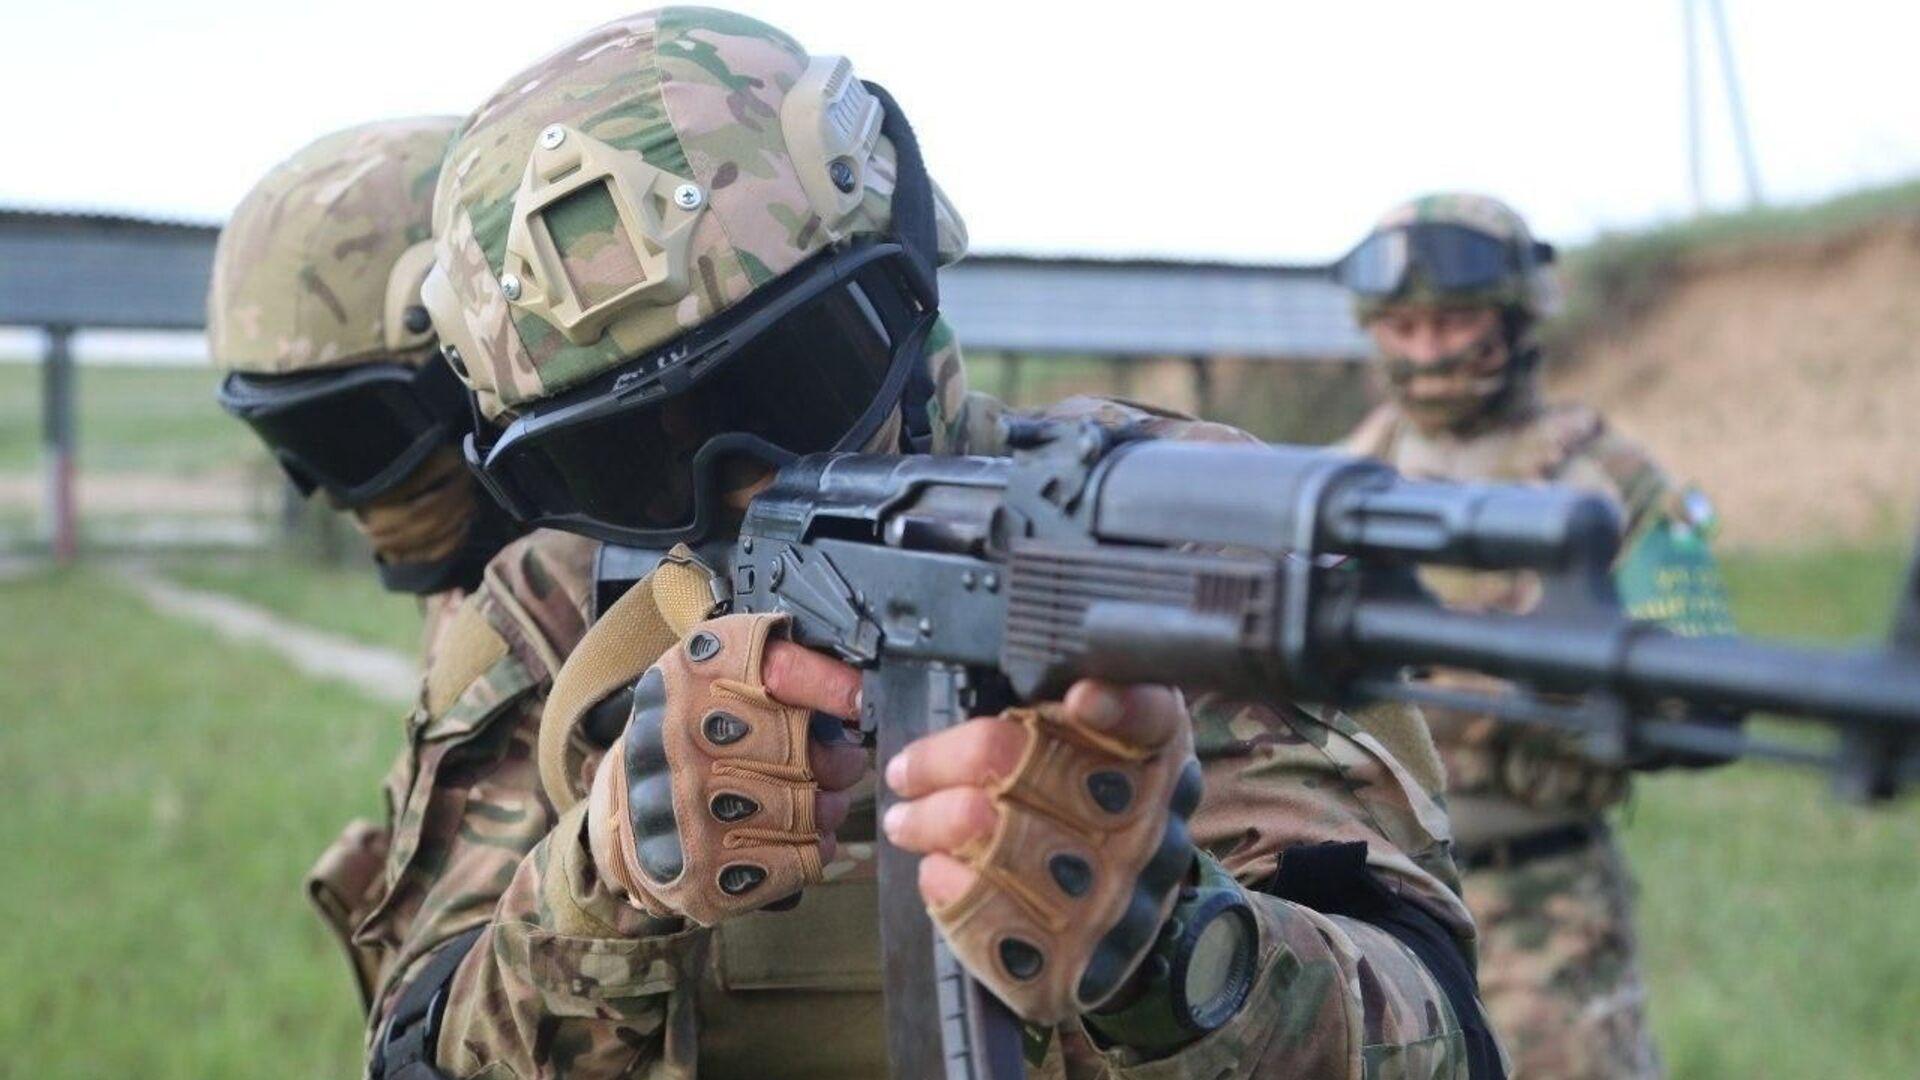 Армия Узбекистана возобновила военные учения - Sputnik Узбекистан, 1920, 12.07.2021